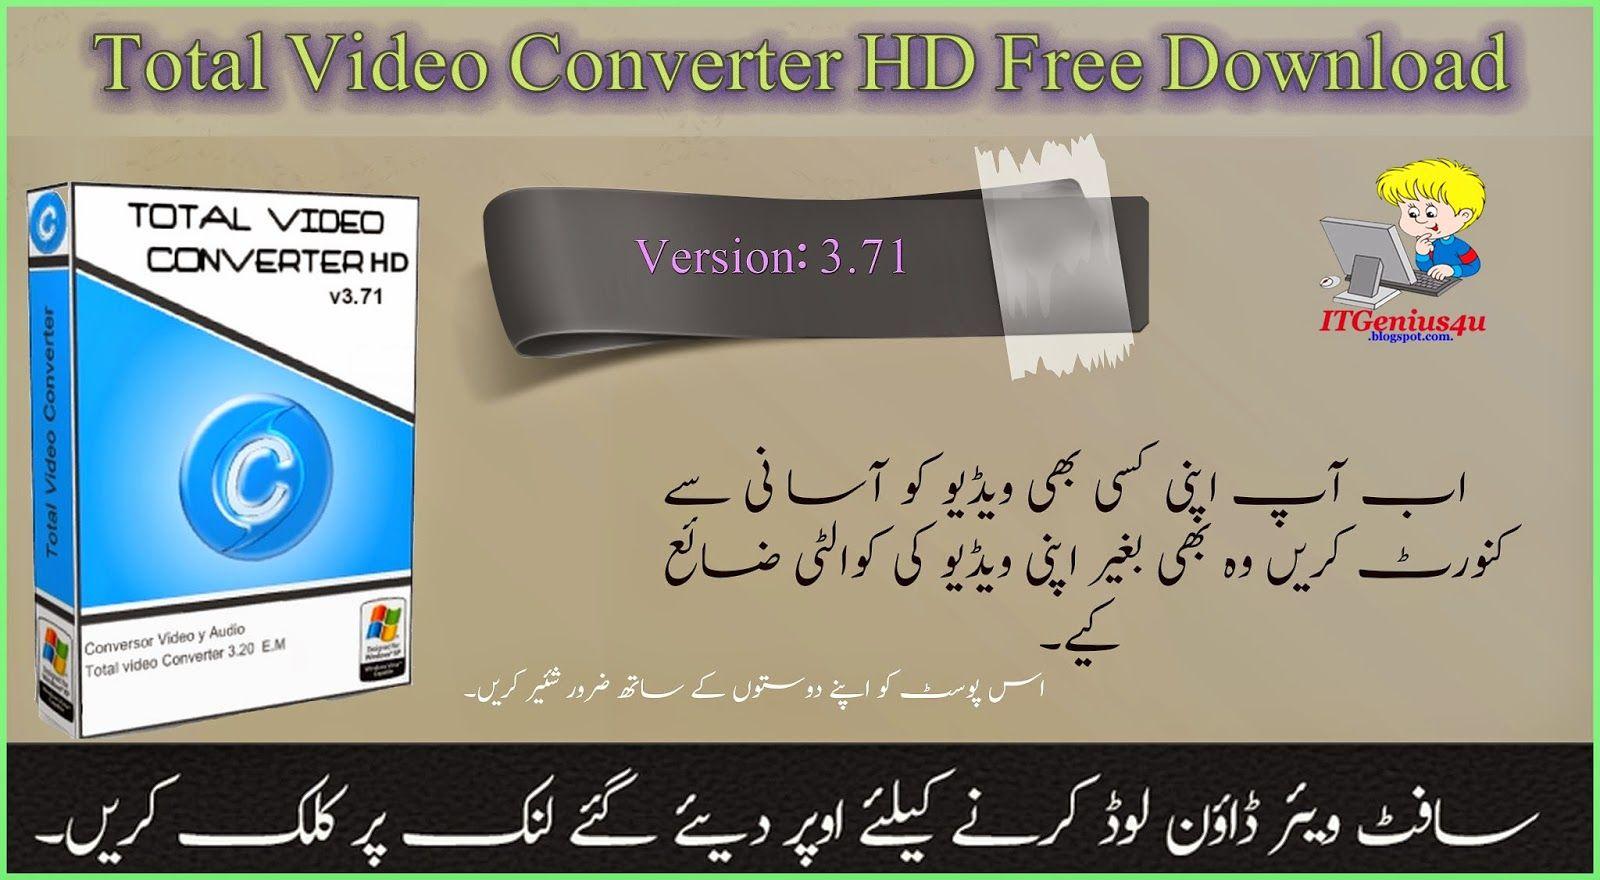 total video converter hd v3 71 download